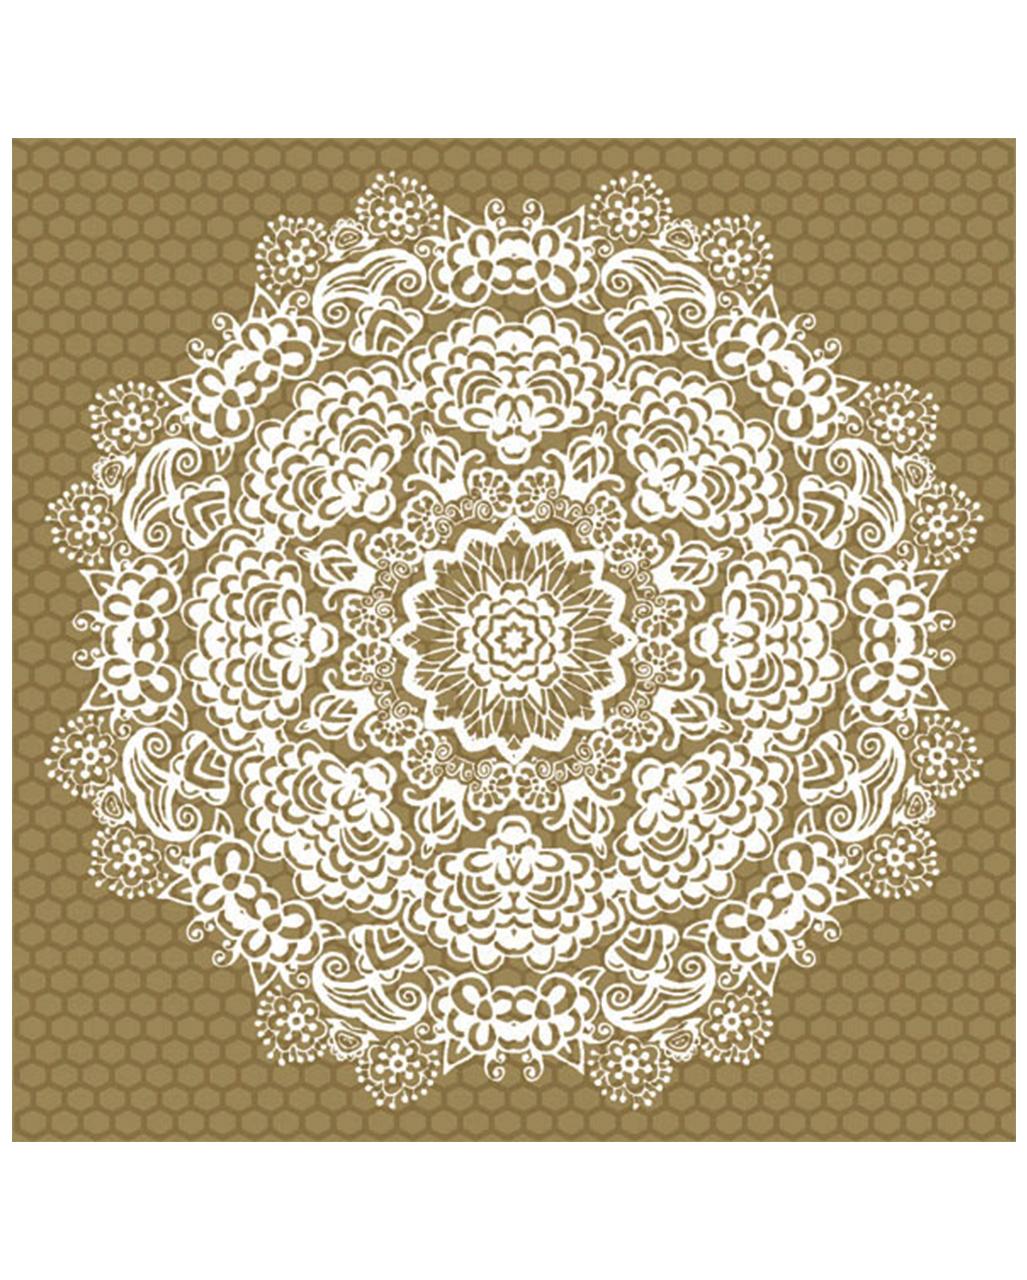 20 Servietten mit Mandala-Blume online kaufen   Karneval Universe